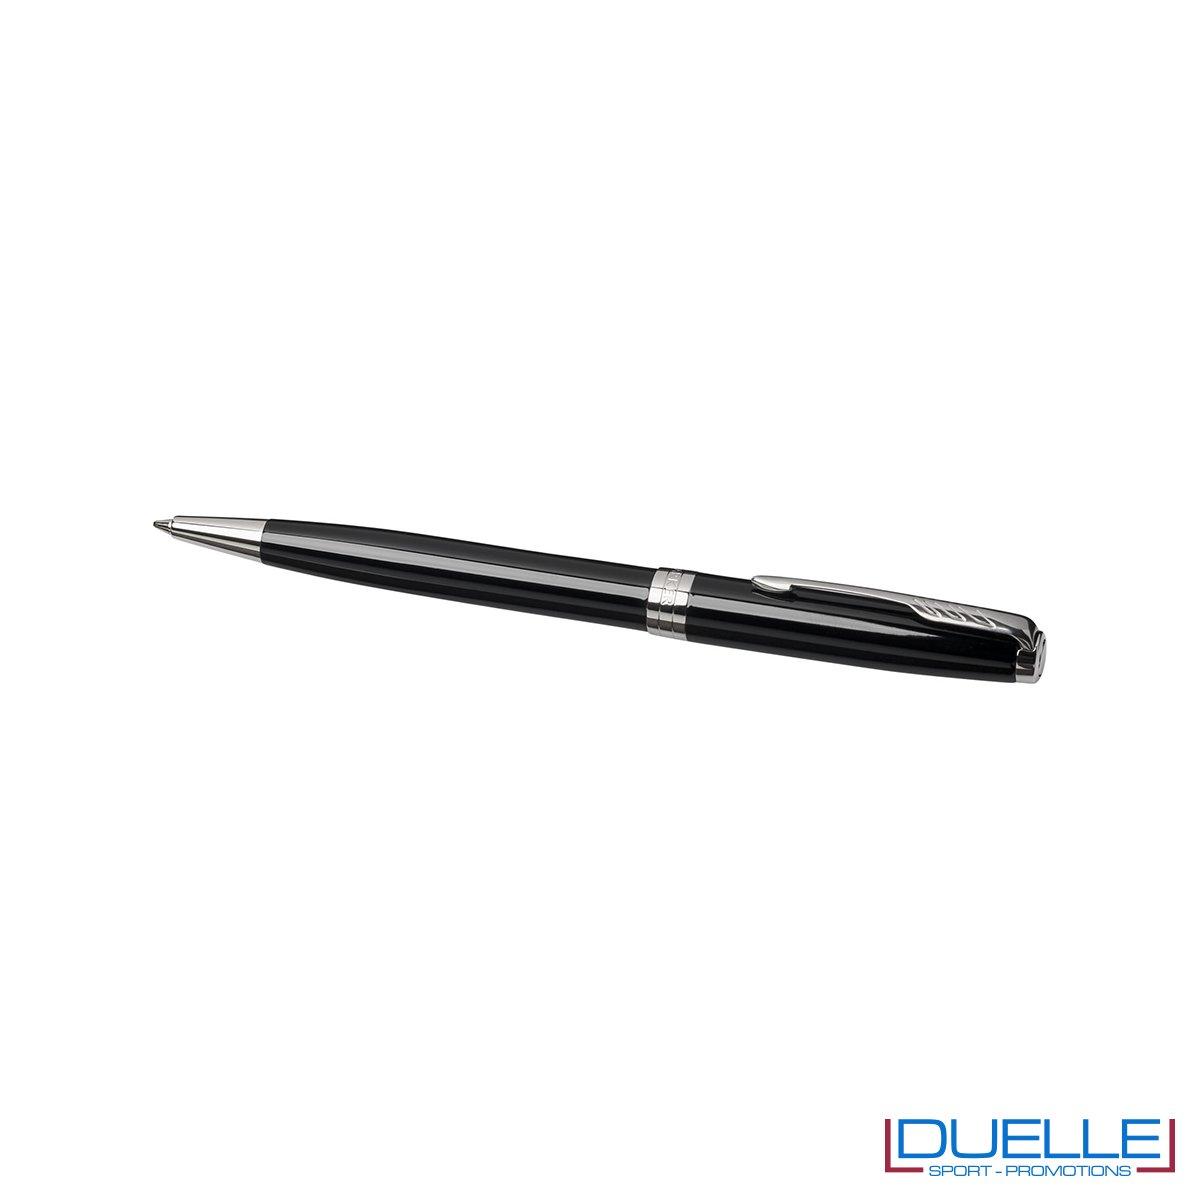 Penna Parker Sonnet Personalizzata a sfera colore nero cromato